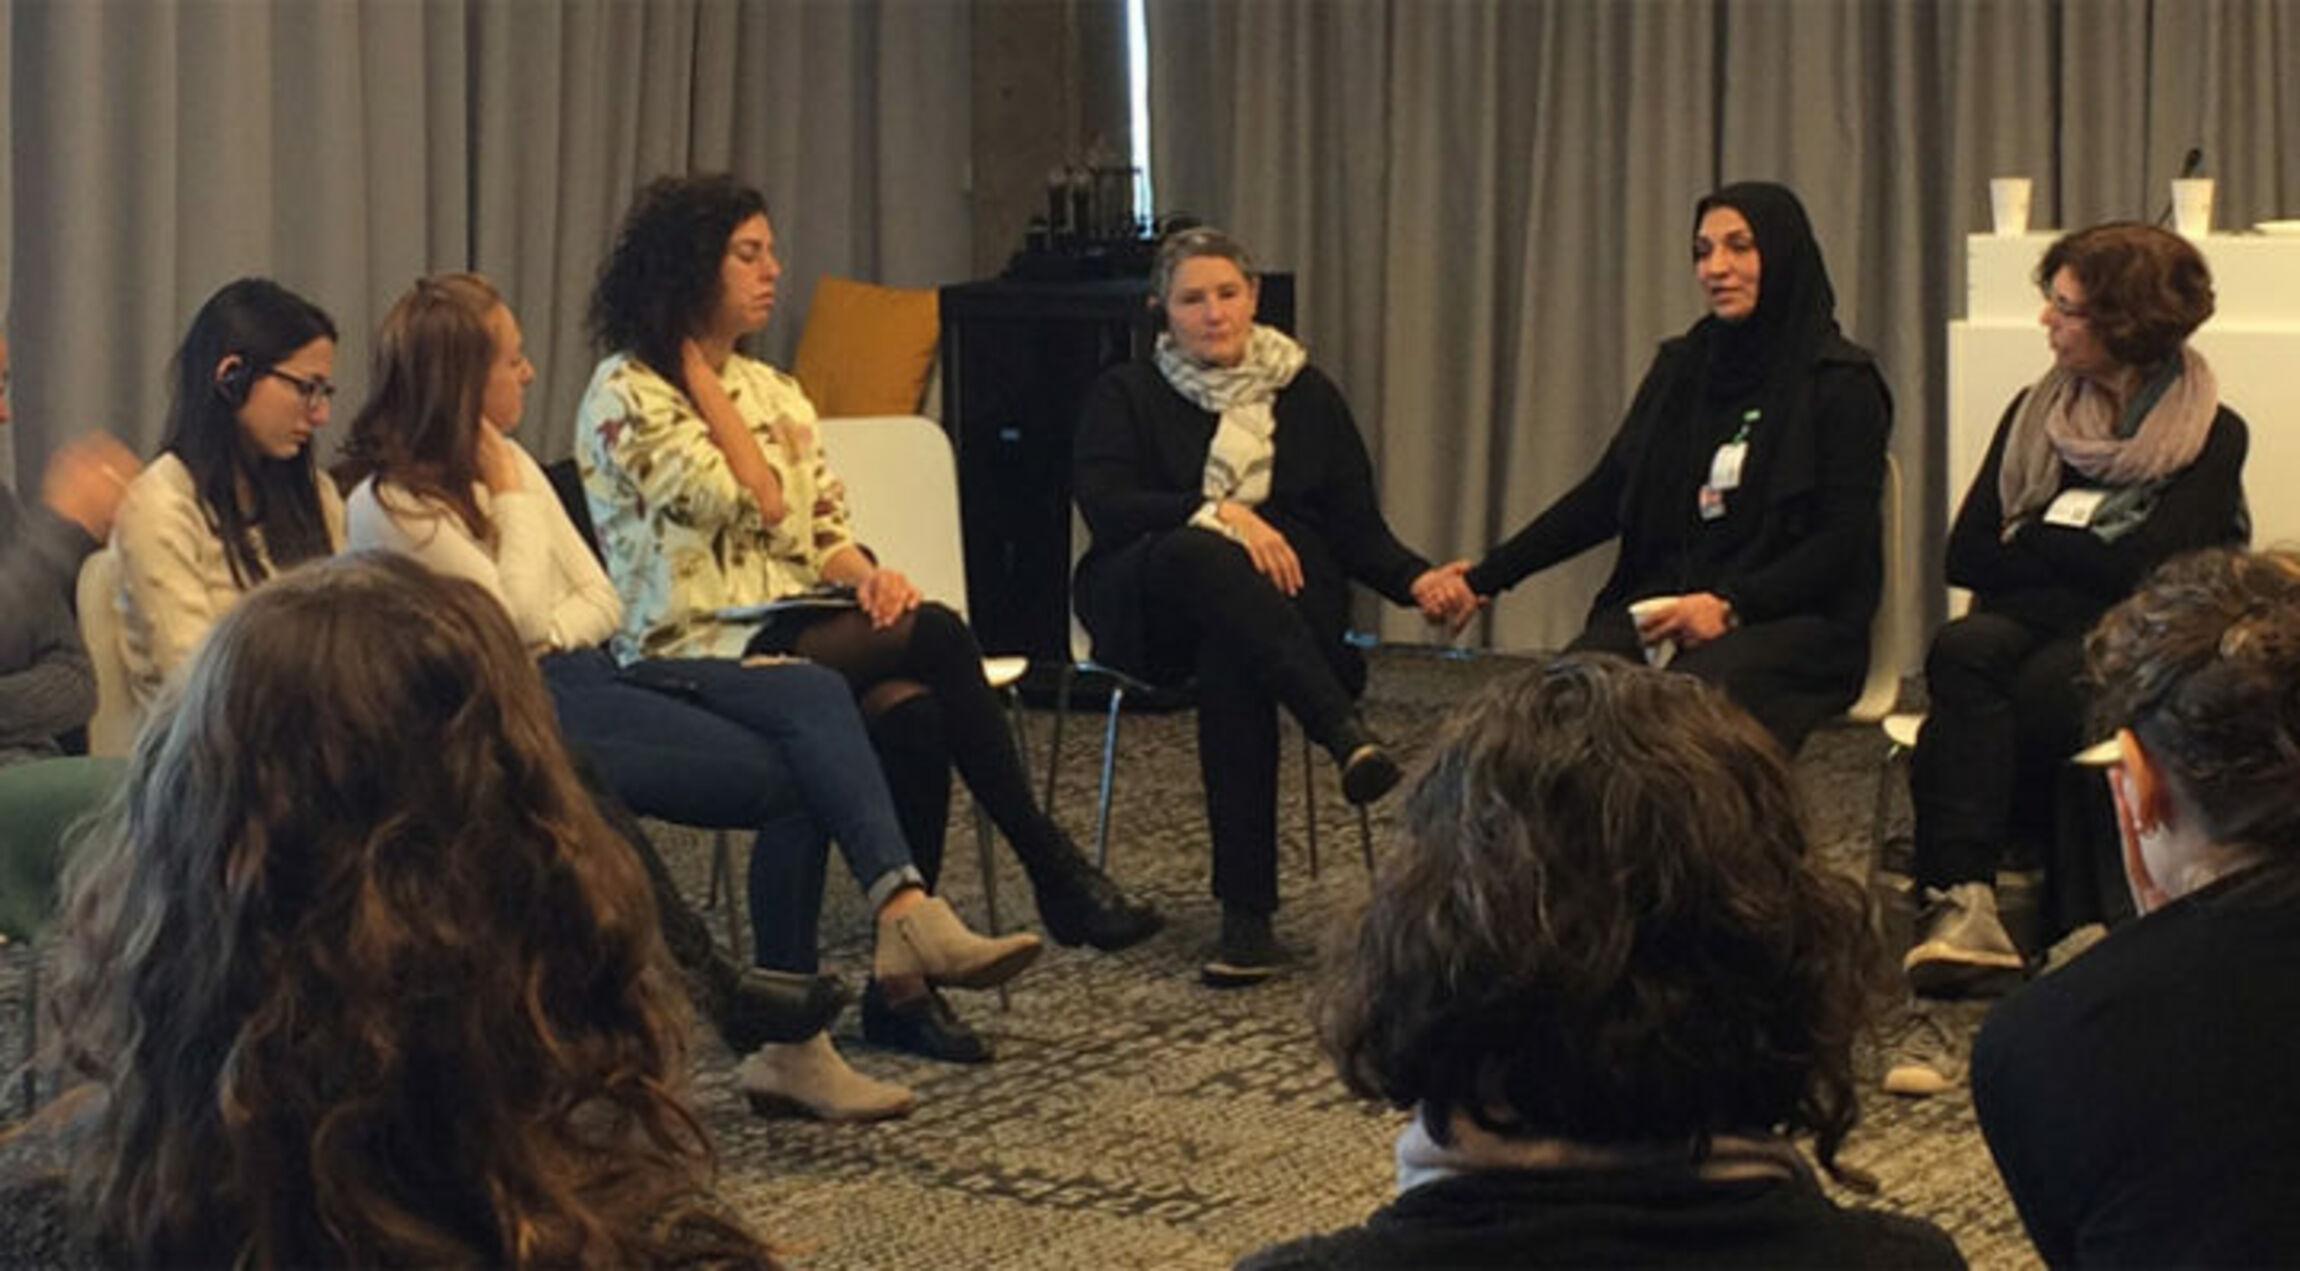 https://www.pressenza.com/de/2021/05/waehrend-die-gewalt-in-israel-eskaliert-wird-parents-circle-zu-einem-katalysator-fuer-veraenderung/